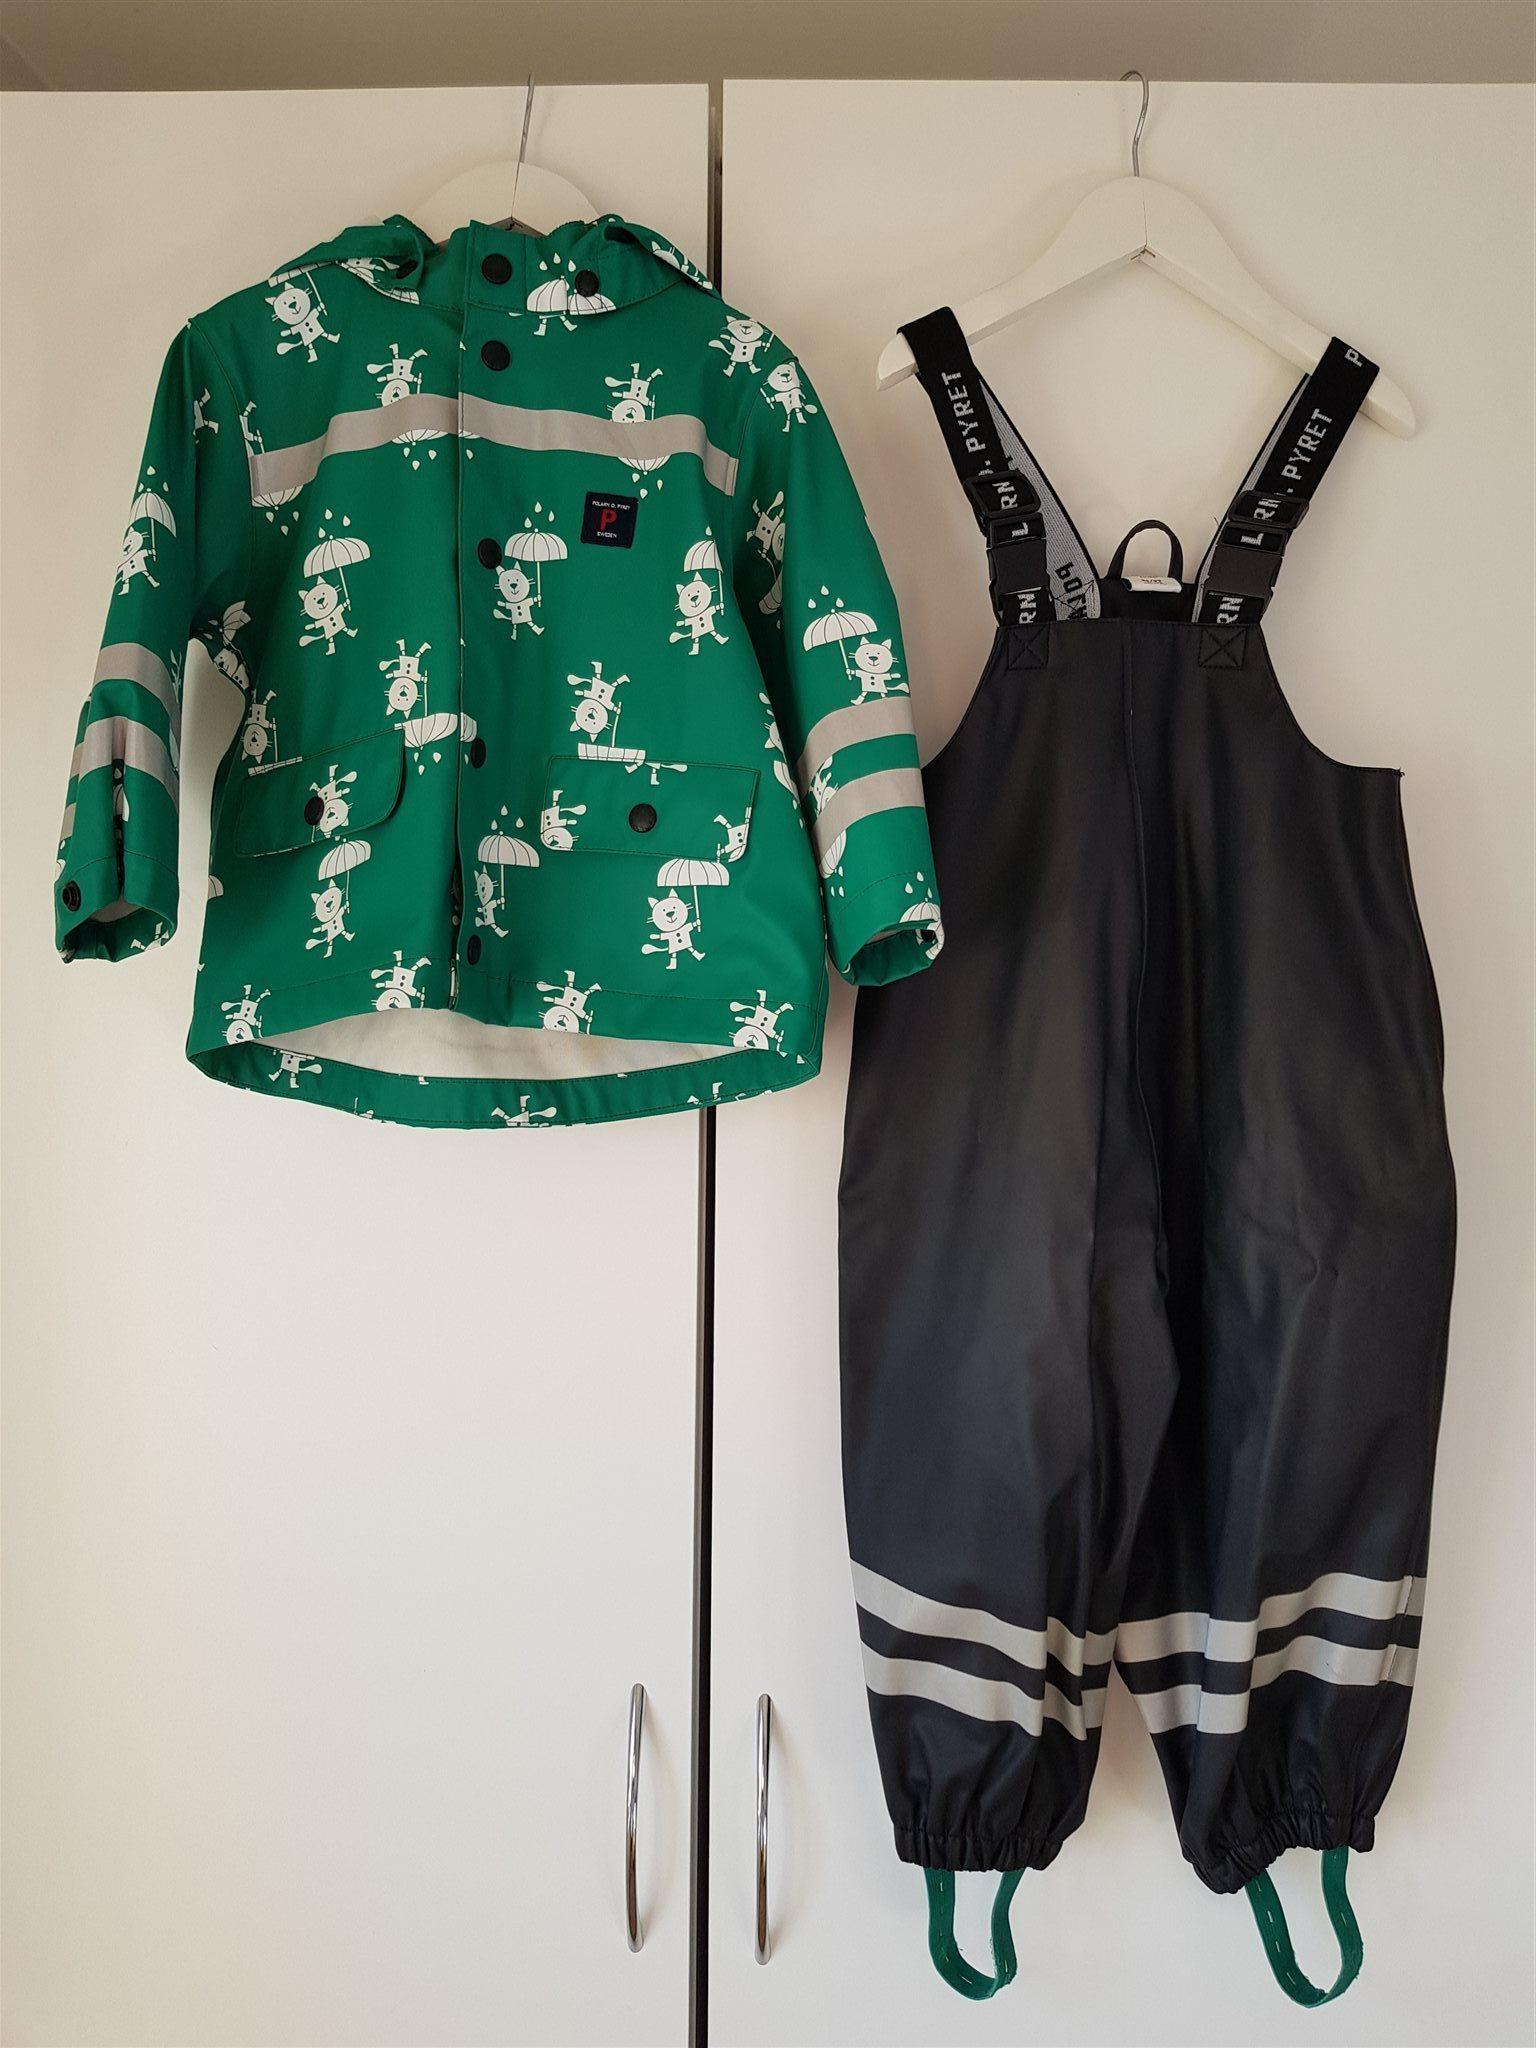 Pop galonkläder stl 86 92 (322260142) ᐈ Köp på Tradera 4de24fb236acb